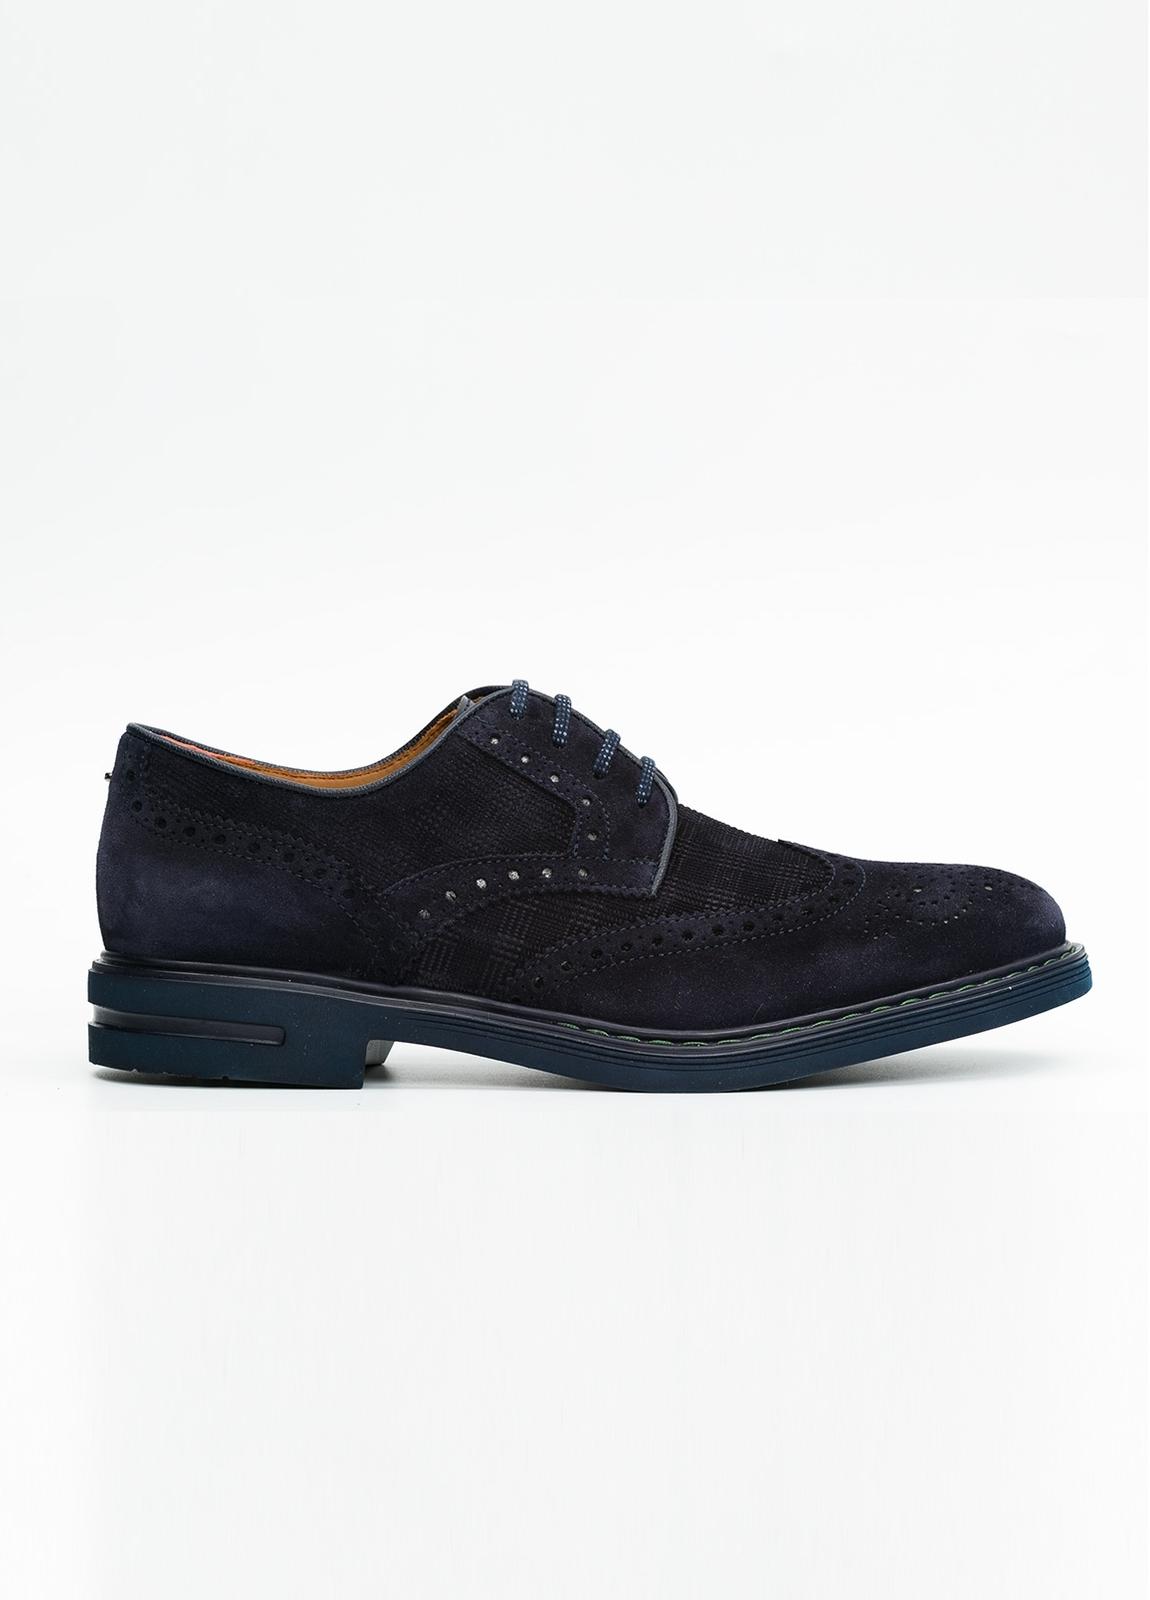 Zapato Formal Wear color azul marino. 100% Serraje.